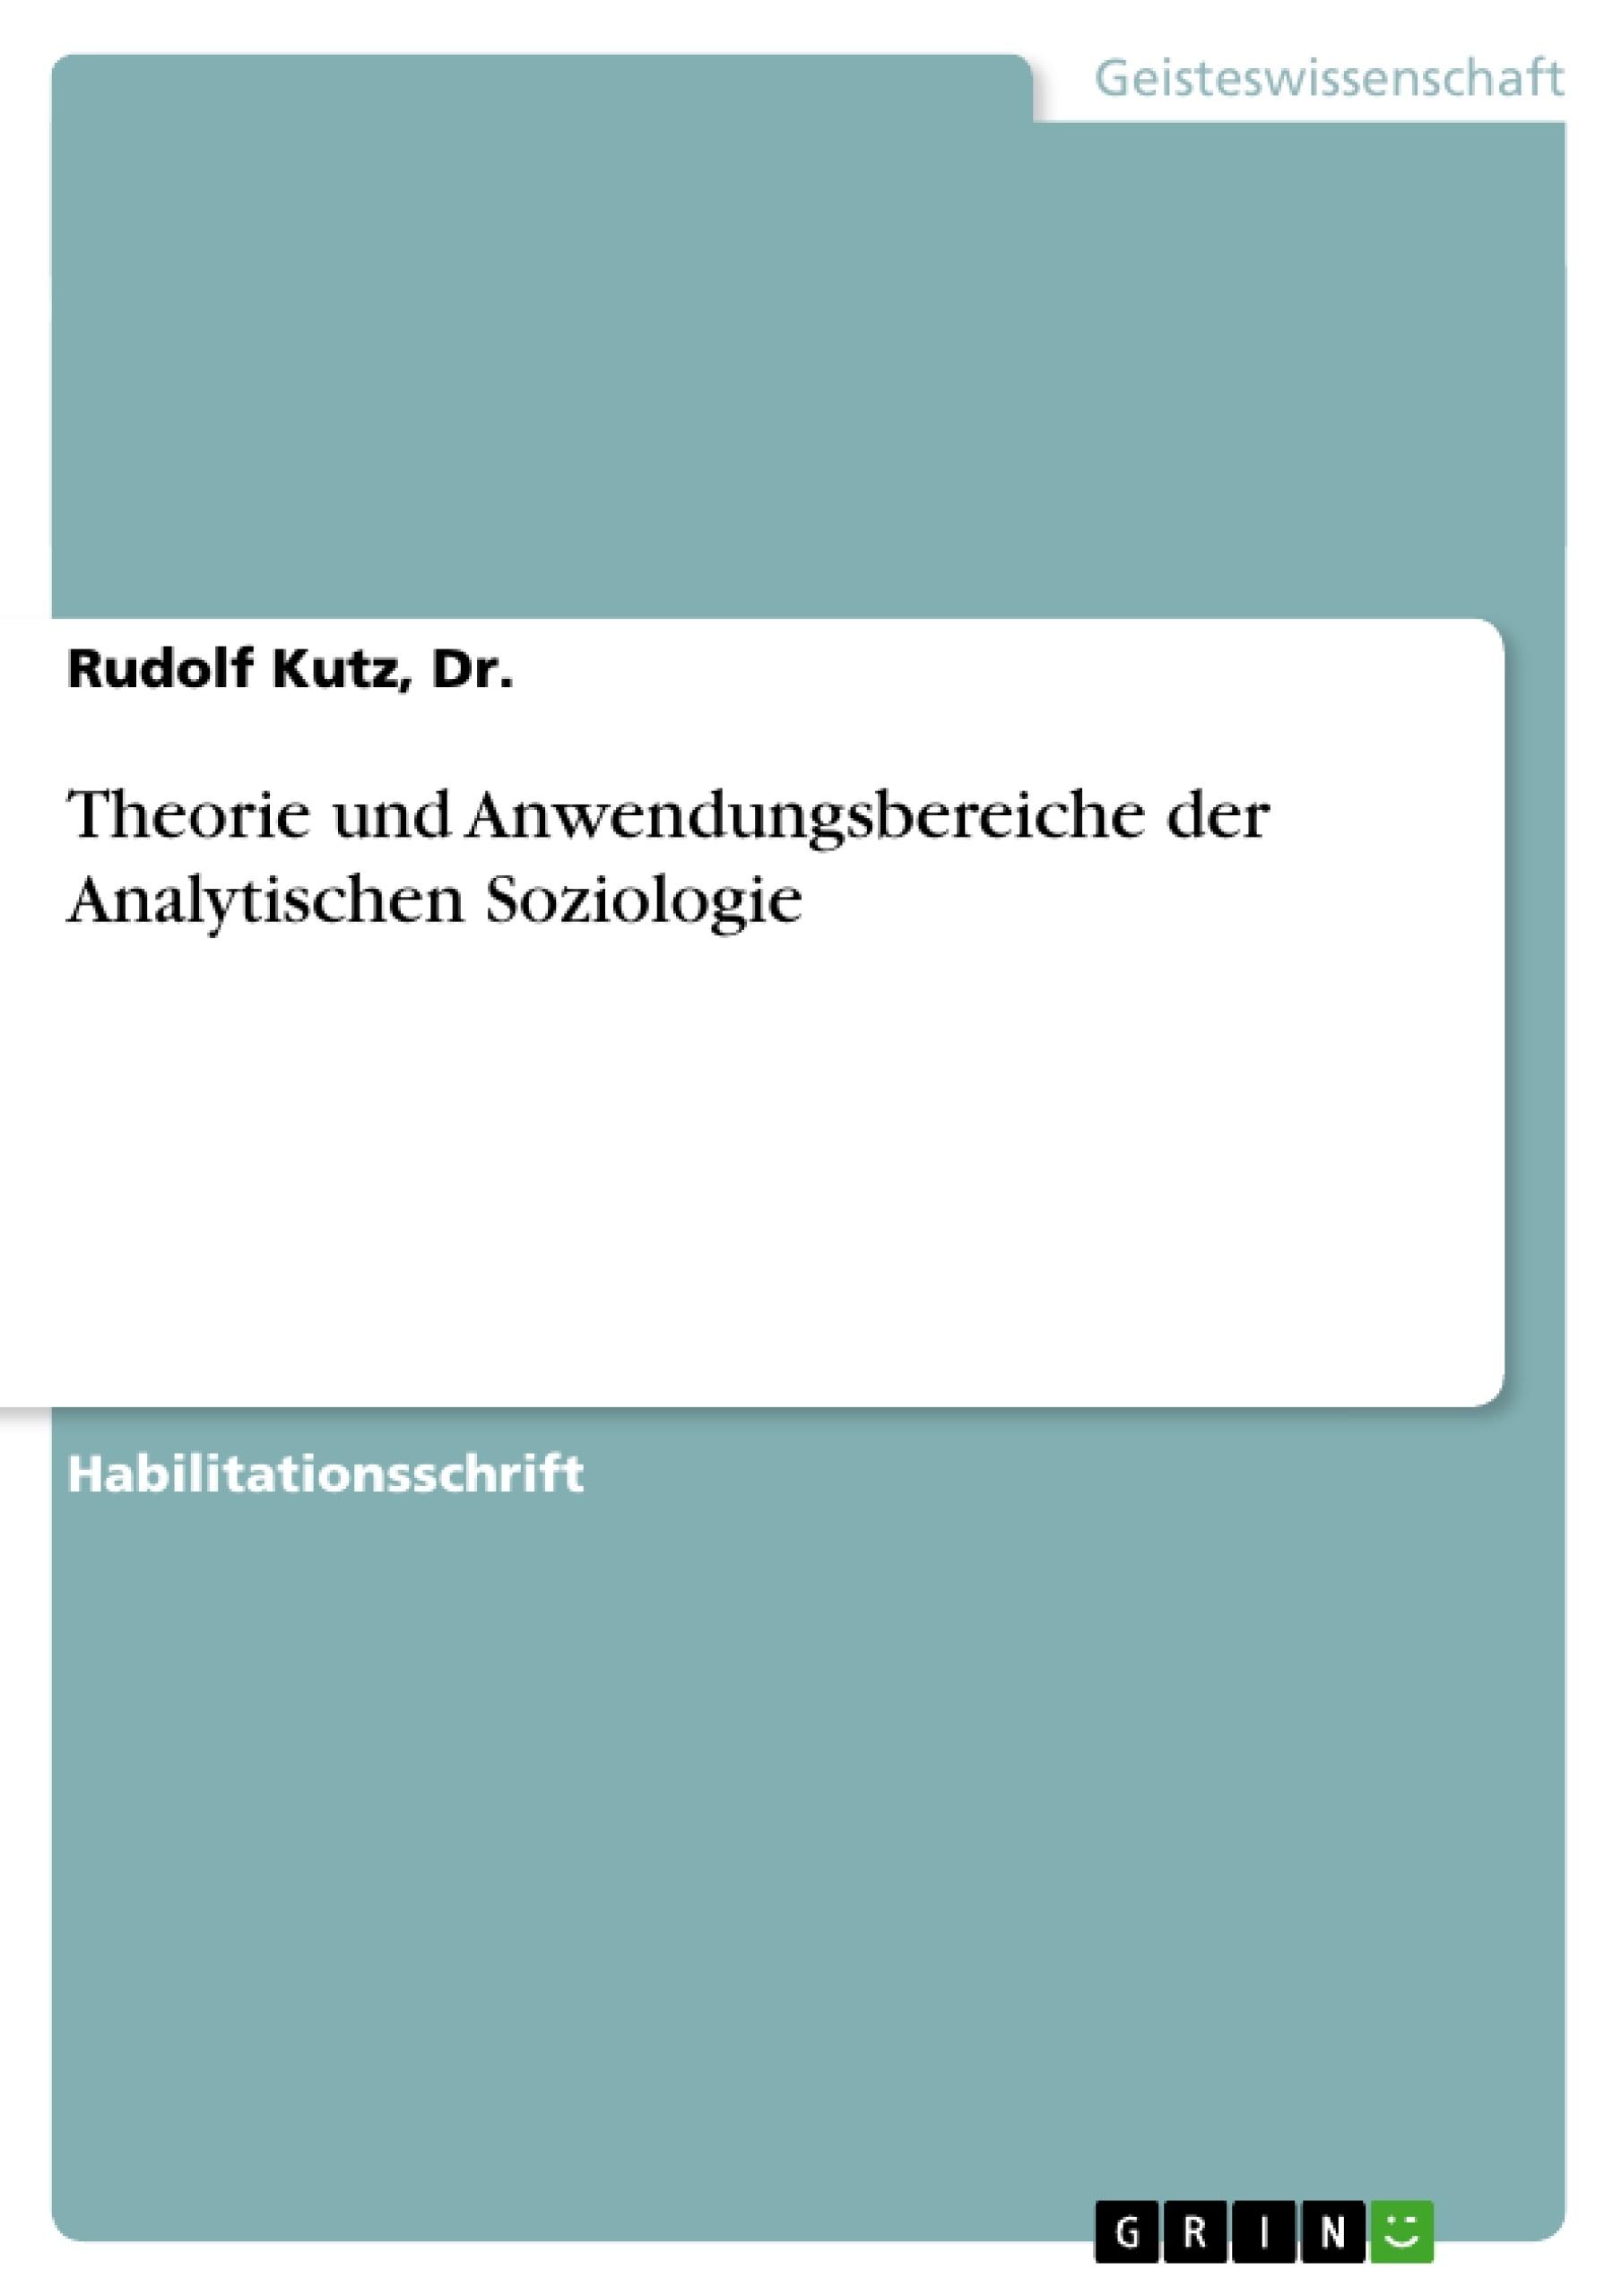 Titel: Theorie und Anwendungsbereiche der Analytischen Soziologie